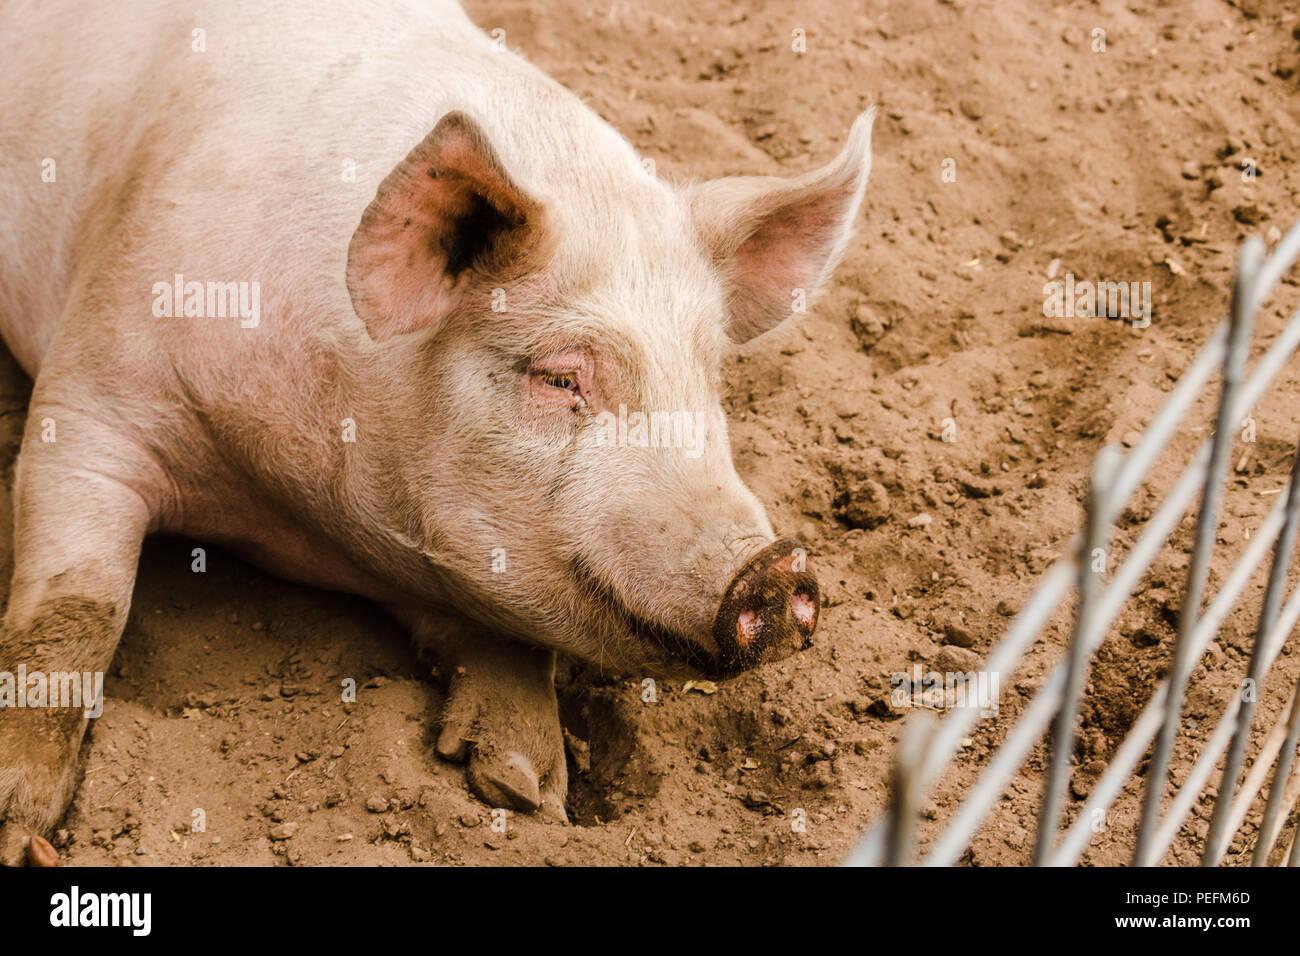 Nahaufnahme Kopf geschossen von süßen Lächeln einzigen schmutzigen Jungen heimischen sanfte rosa Schwein mit mudd Gesicht, große Ohren, schmutzige hoooves Sehnsucht außerhalb Ihres fen zu sein Stockbild